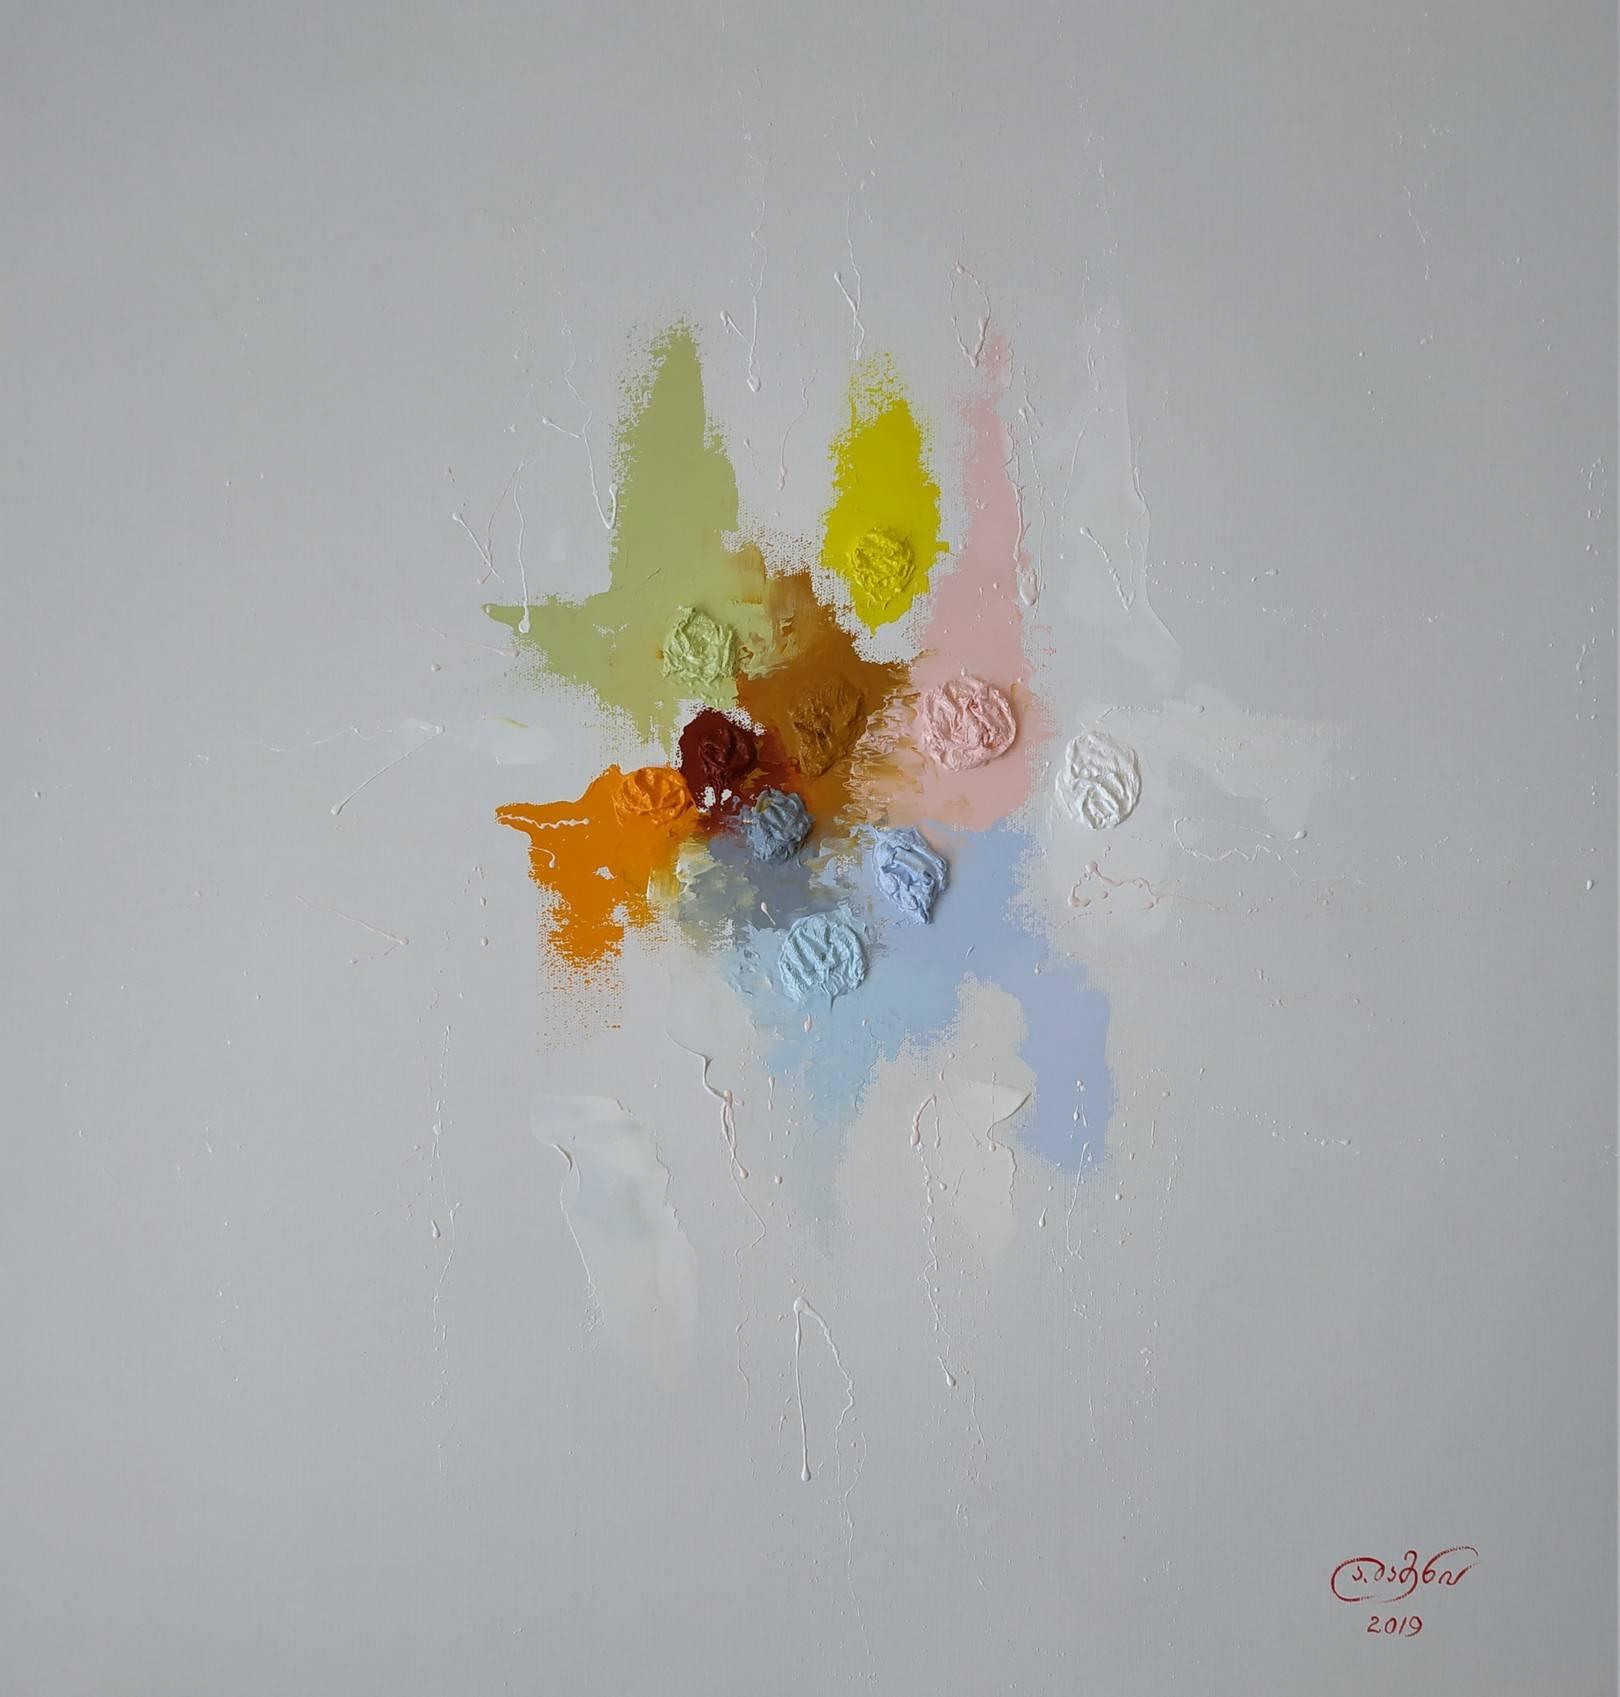 «Аромат весны»                             холст, масло «Spring fragrance»   oil on canvas  80x80,  2019